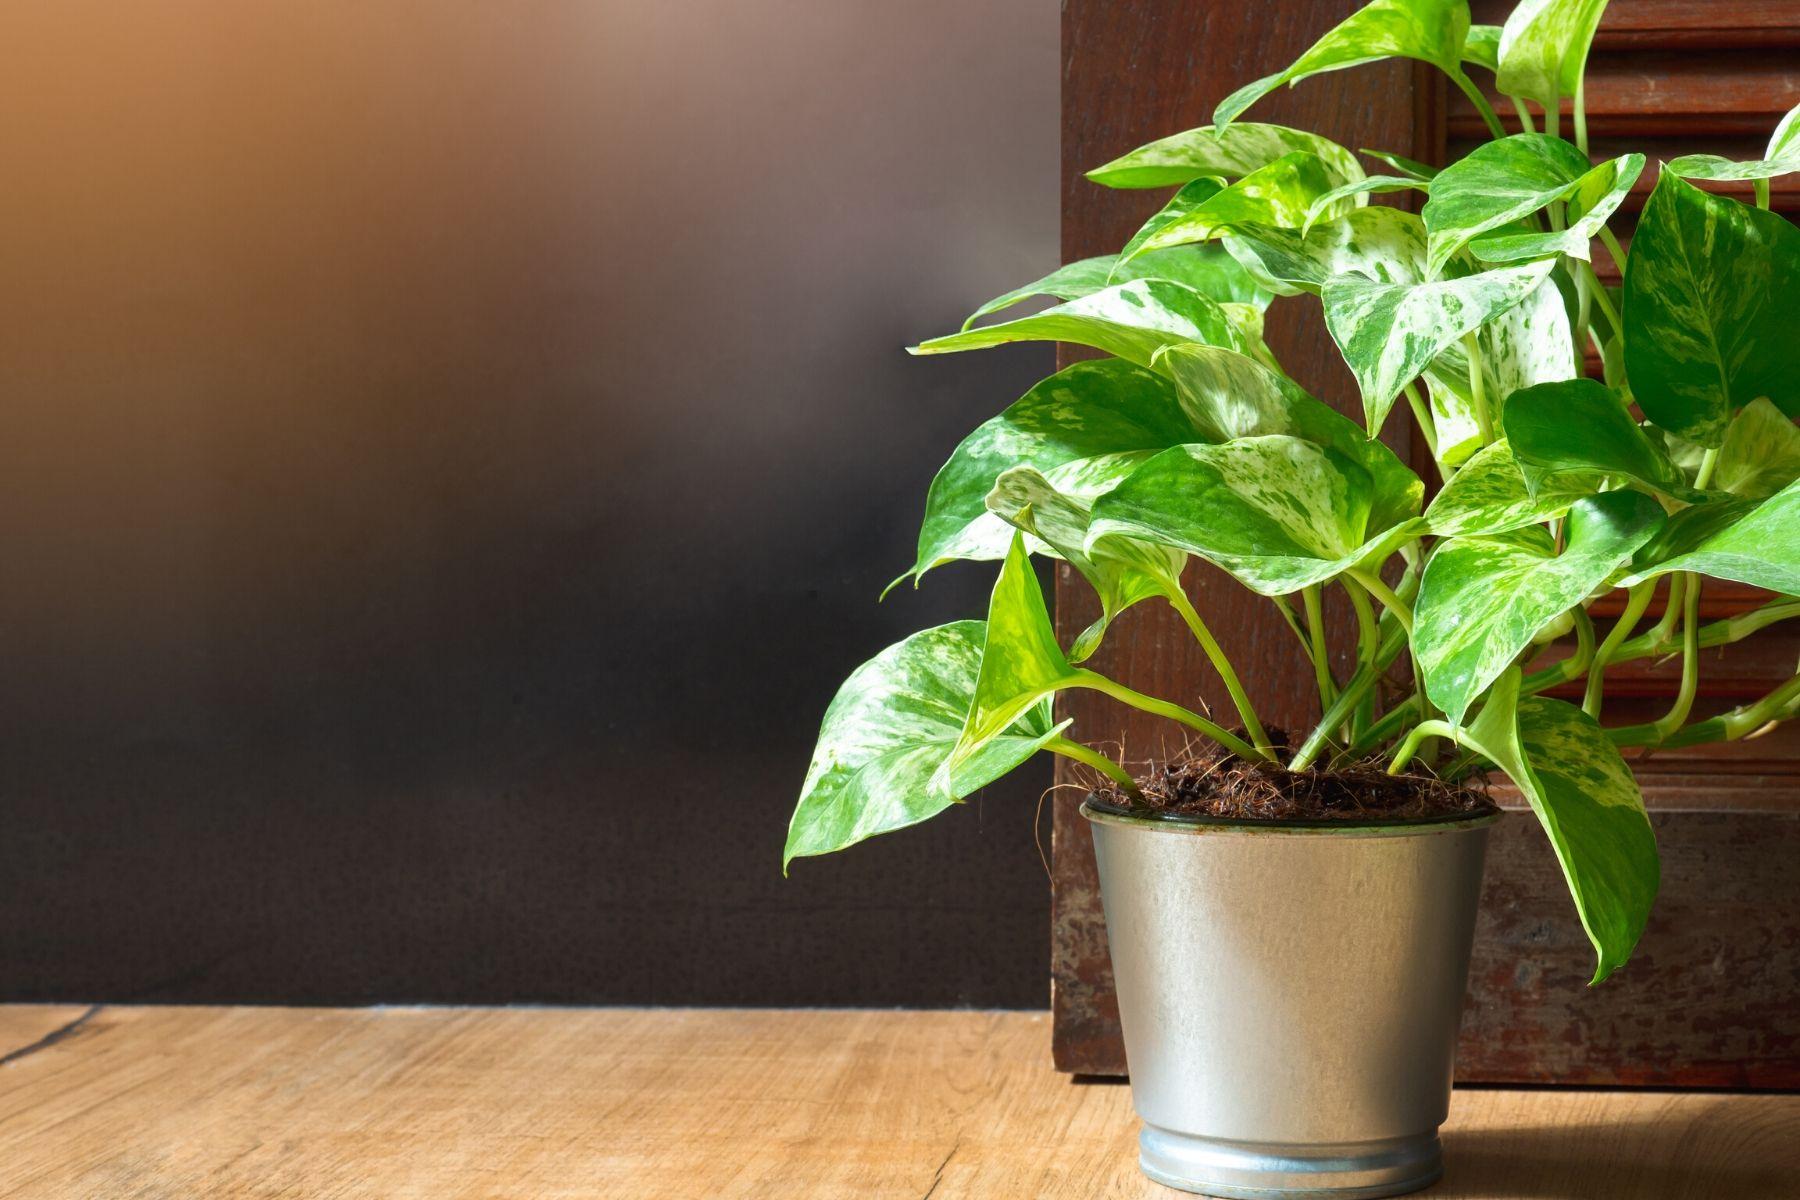 HappyFresh_10_Indoor_Plants_In_Condo_Devils_Ivy